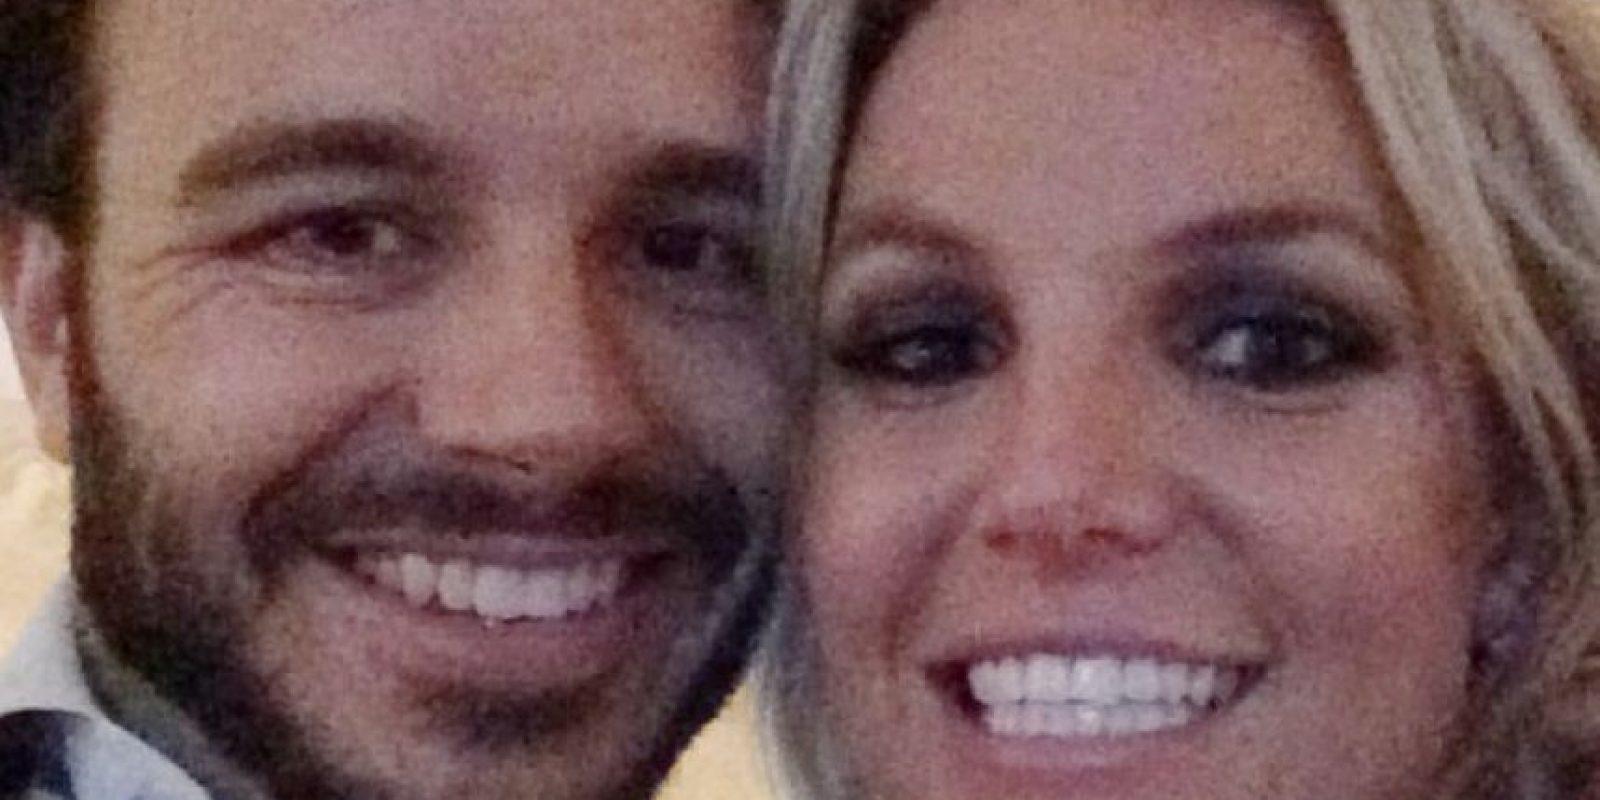 Con respecto a la enigmática virginidad de Spears, todo quedó claro cuando Timberlake le concedió una entrevista a Barbara Walters en noviembre de 2002 Foto:Instagram @britneyspears